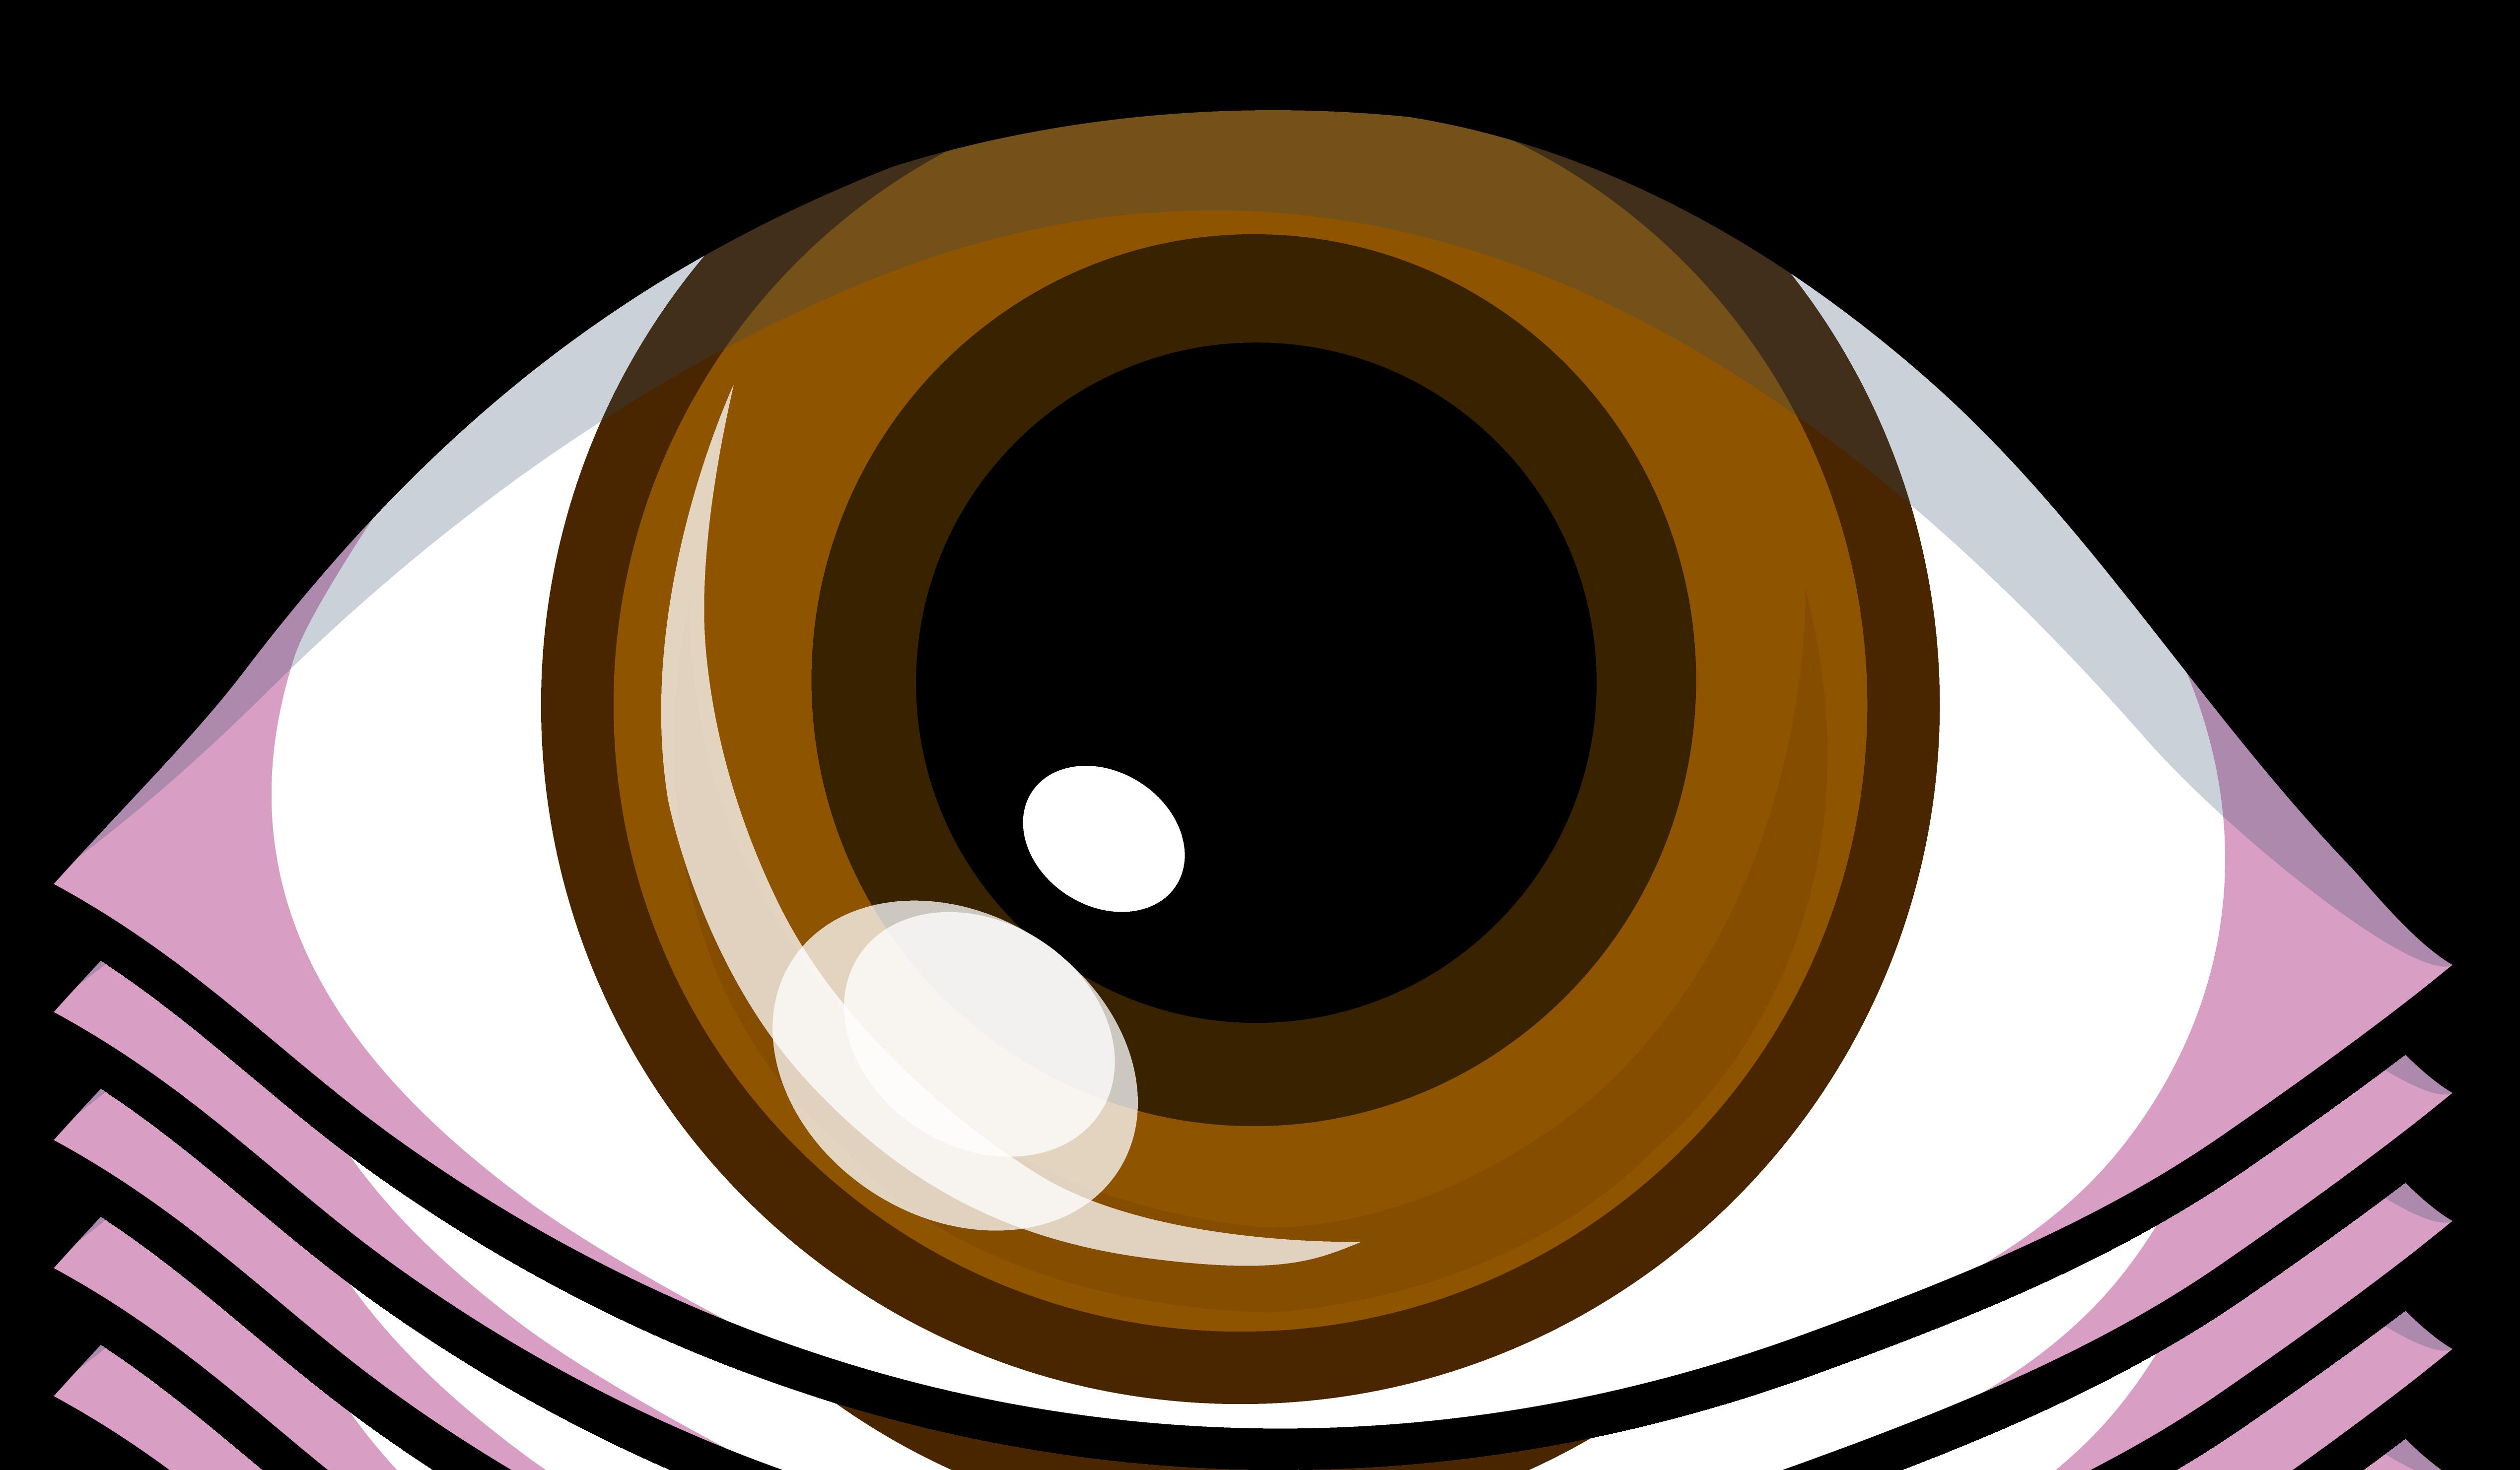 brown eyes eye cartoon clip cliparts symbol simple